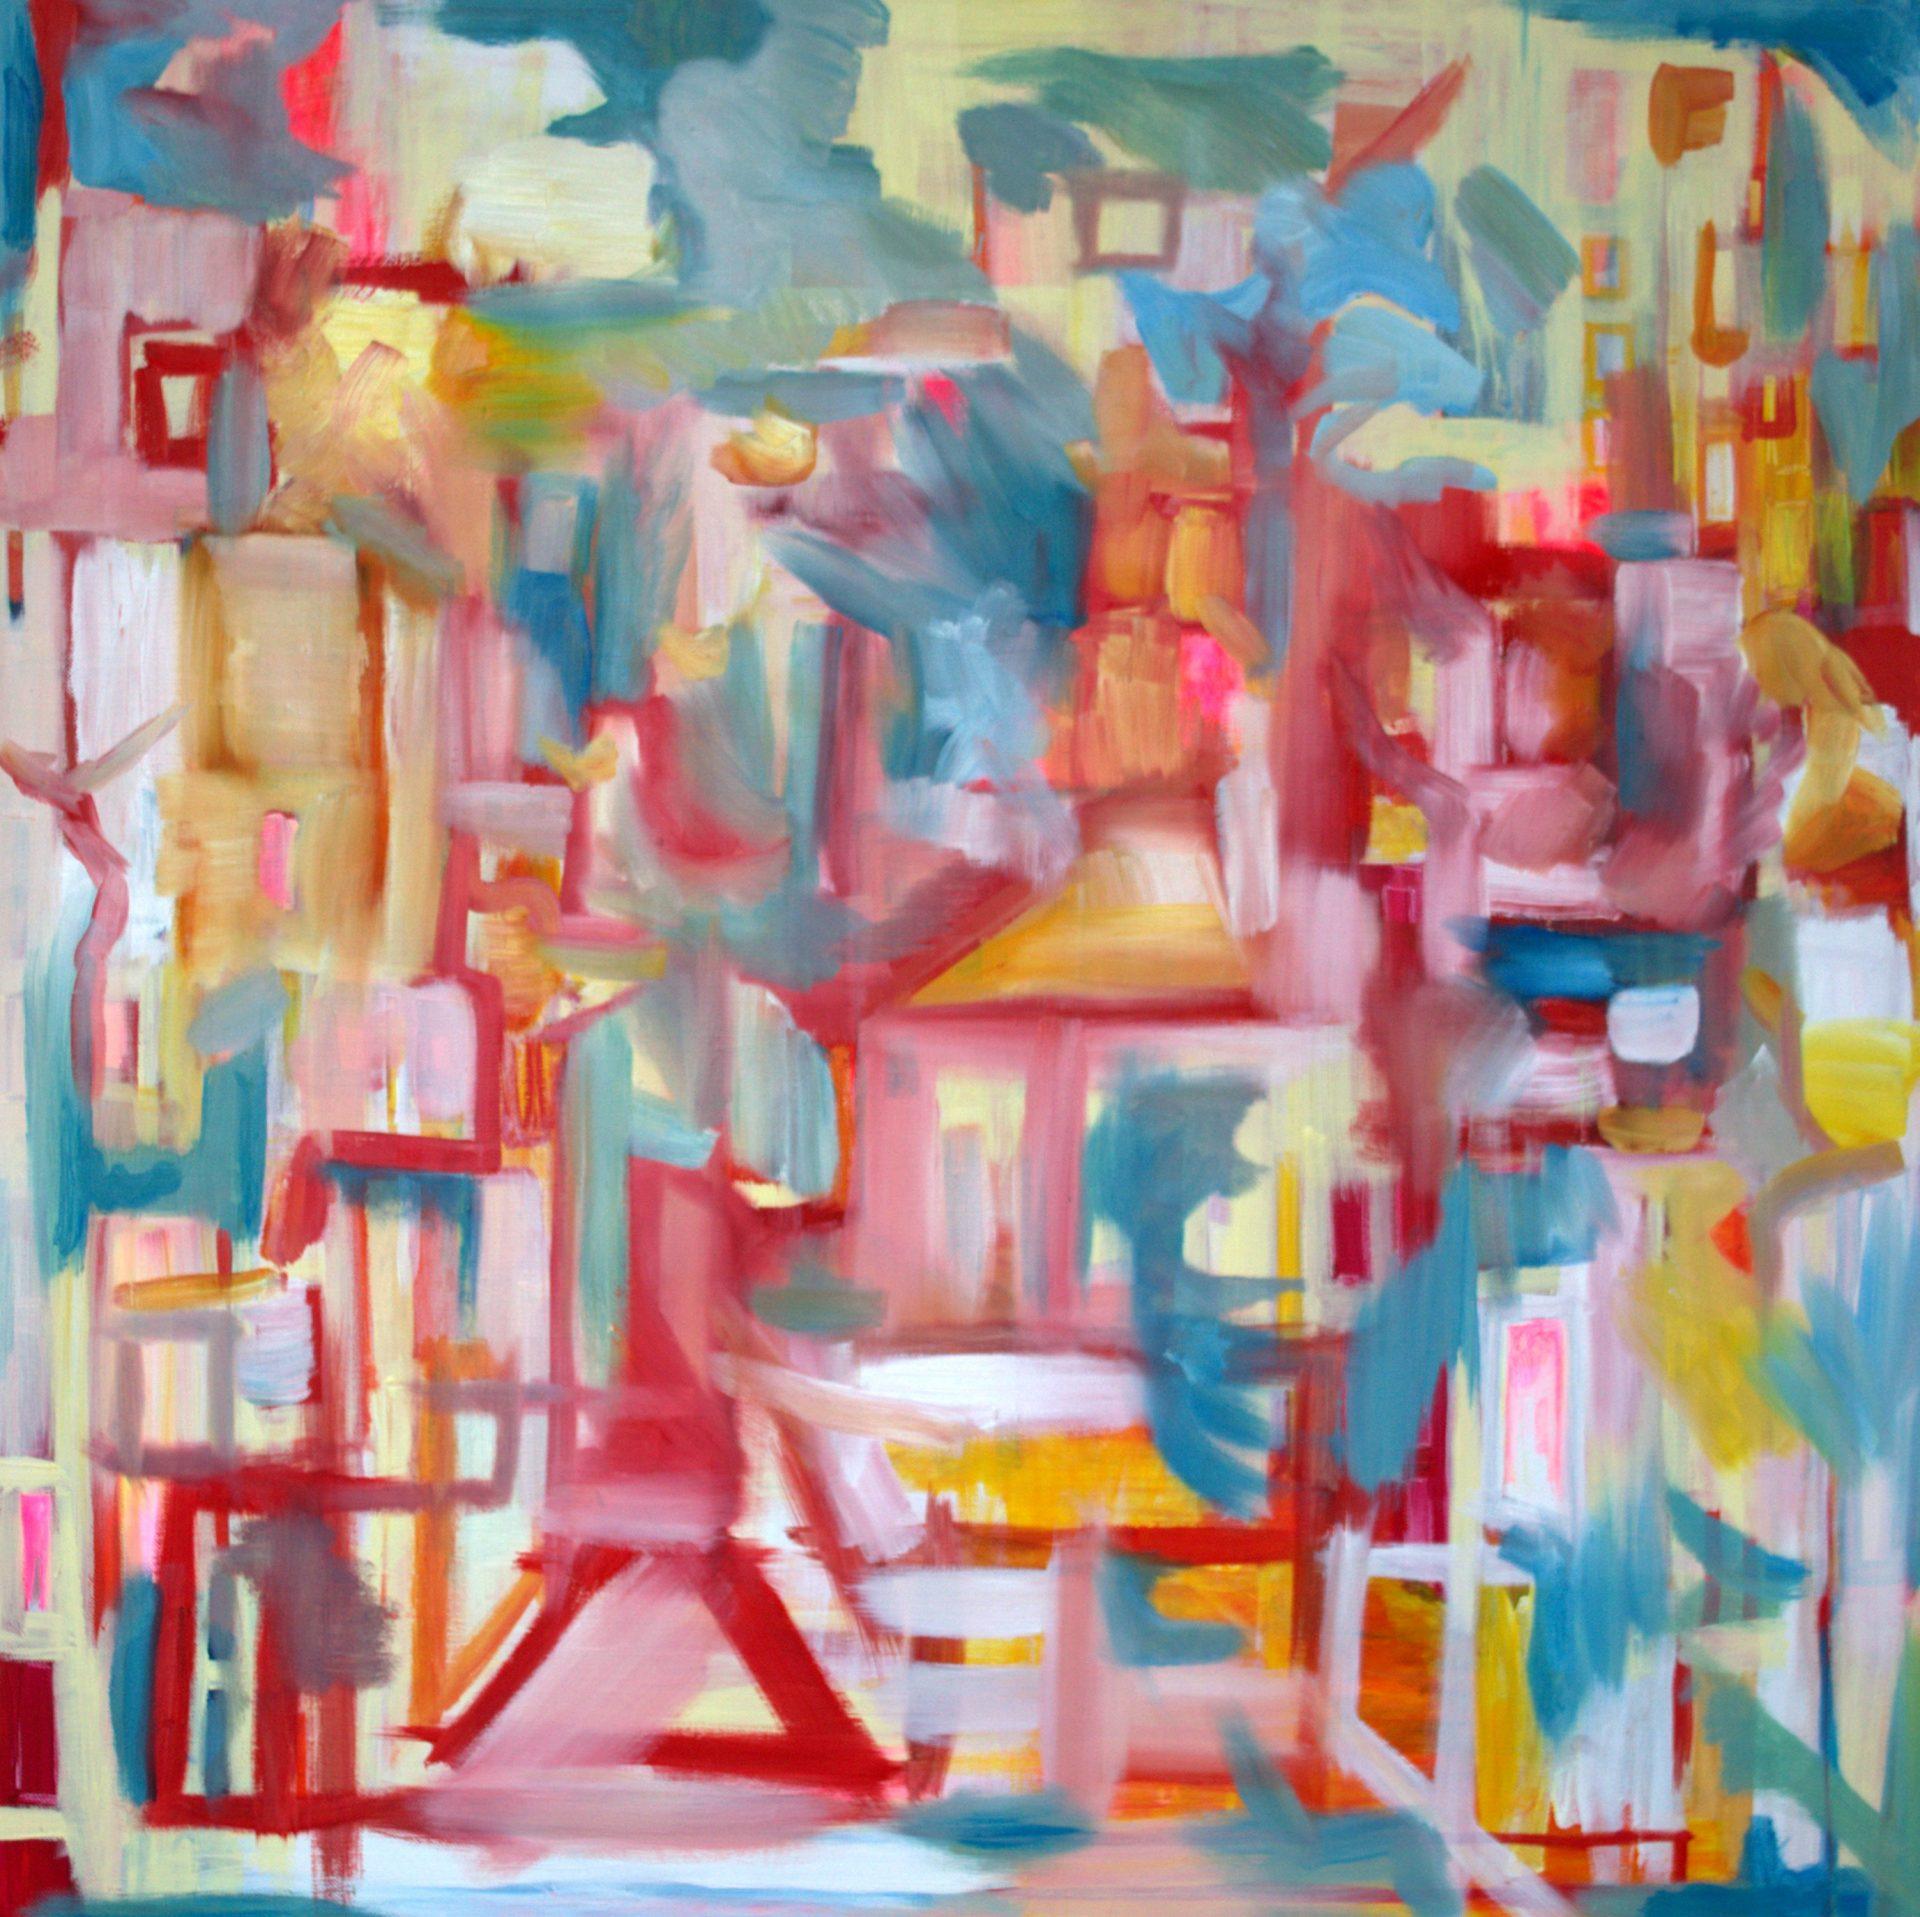 kunstenaar-utrecht-kunst-ltuziam-l-tuziasm-schilderij-art-artist-painting-urban-Jan Willem Campmans Party Camouflage